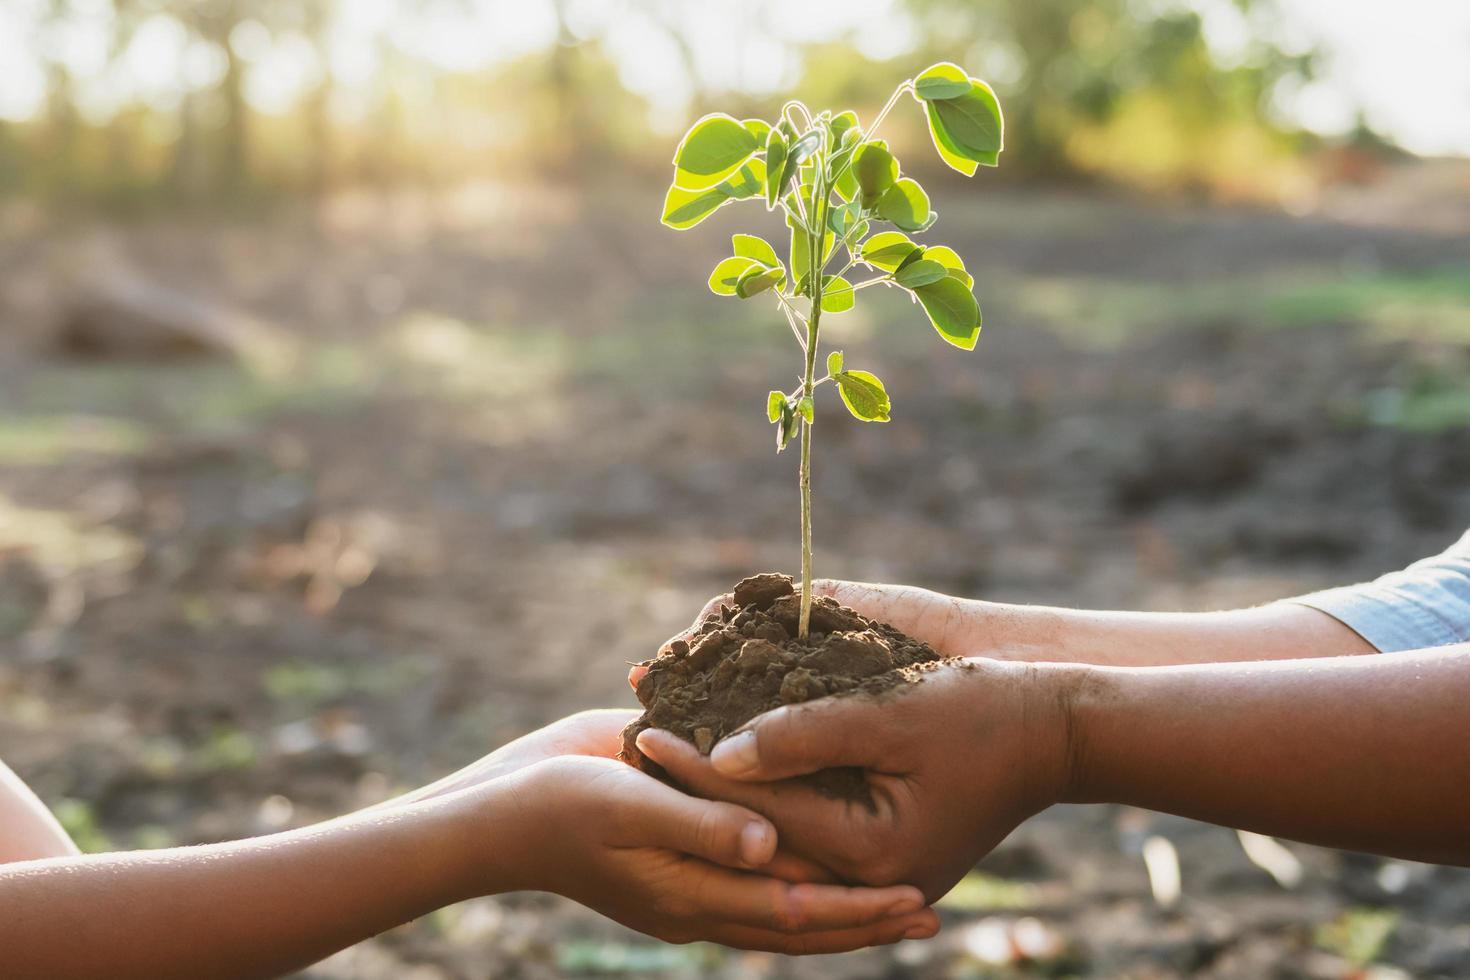 manos sosteniendo la planta joven foto